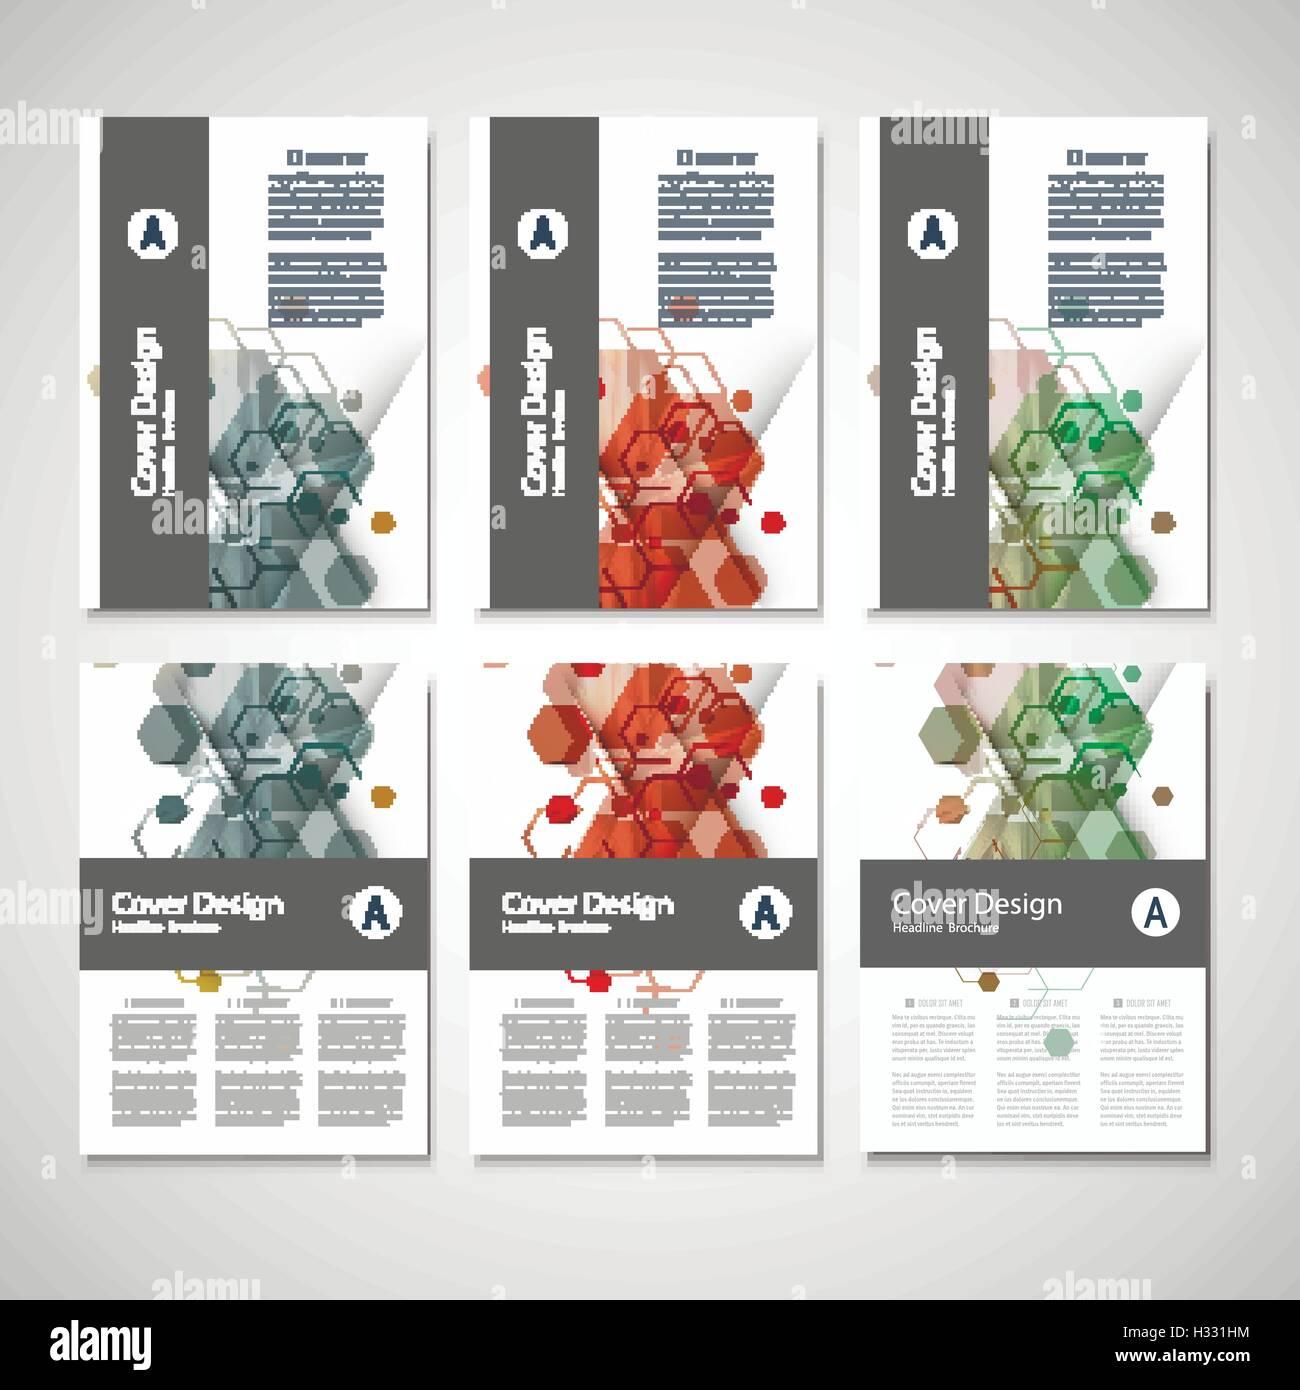 Großartig Wort Geschäftsbericht Vorlage Ideen - Entry Level Resume ...